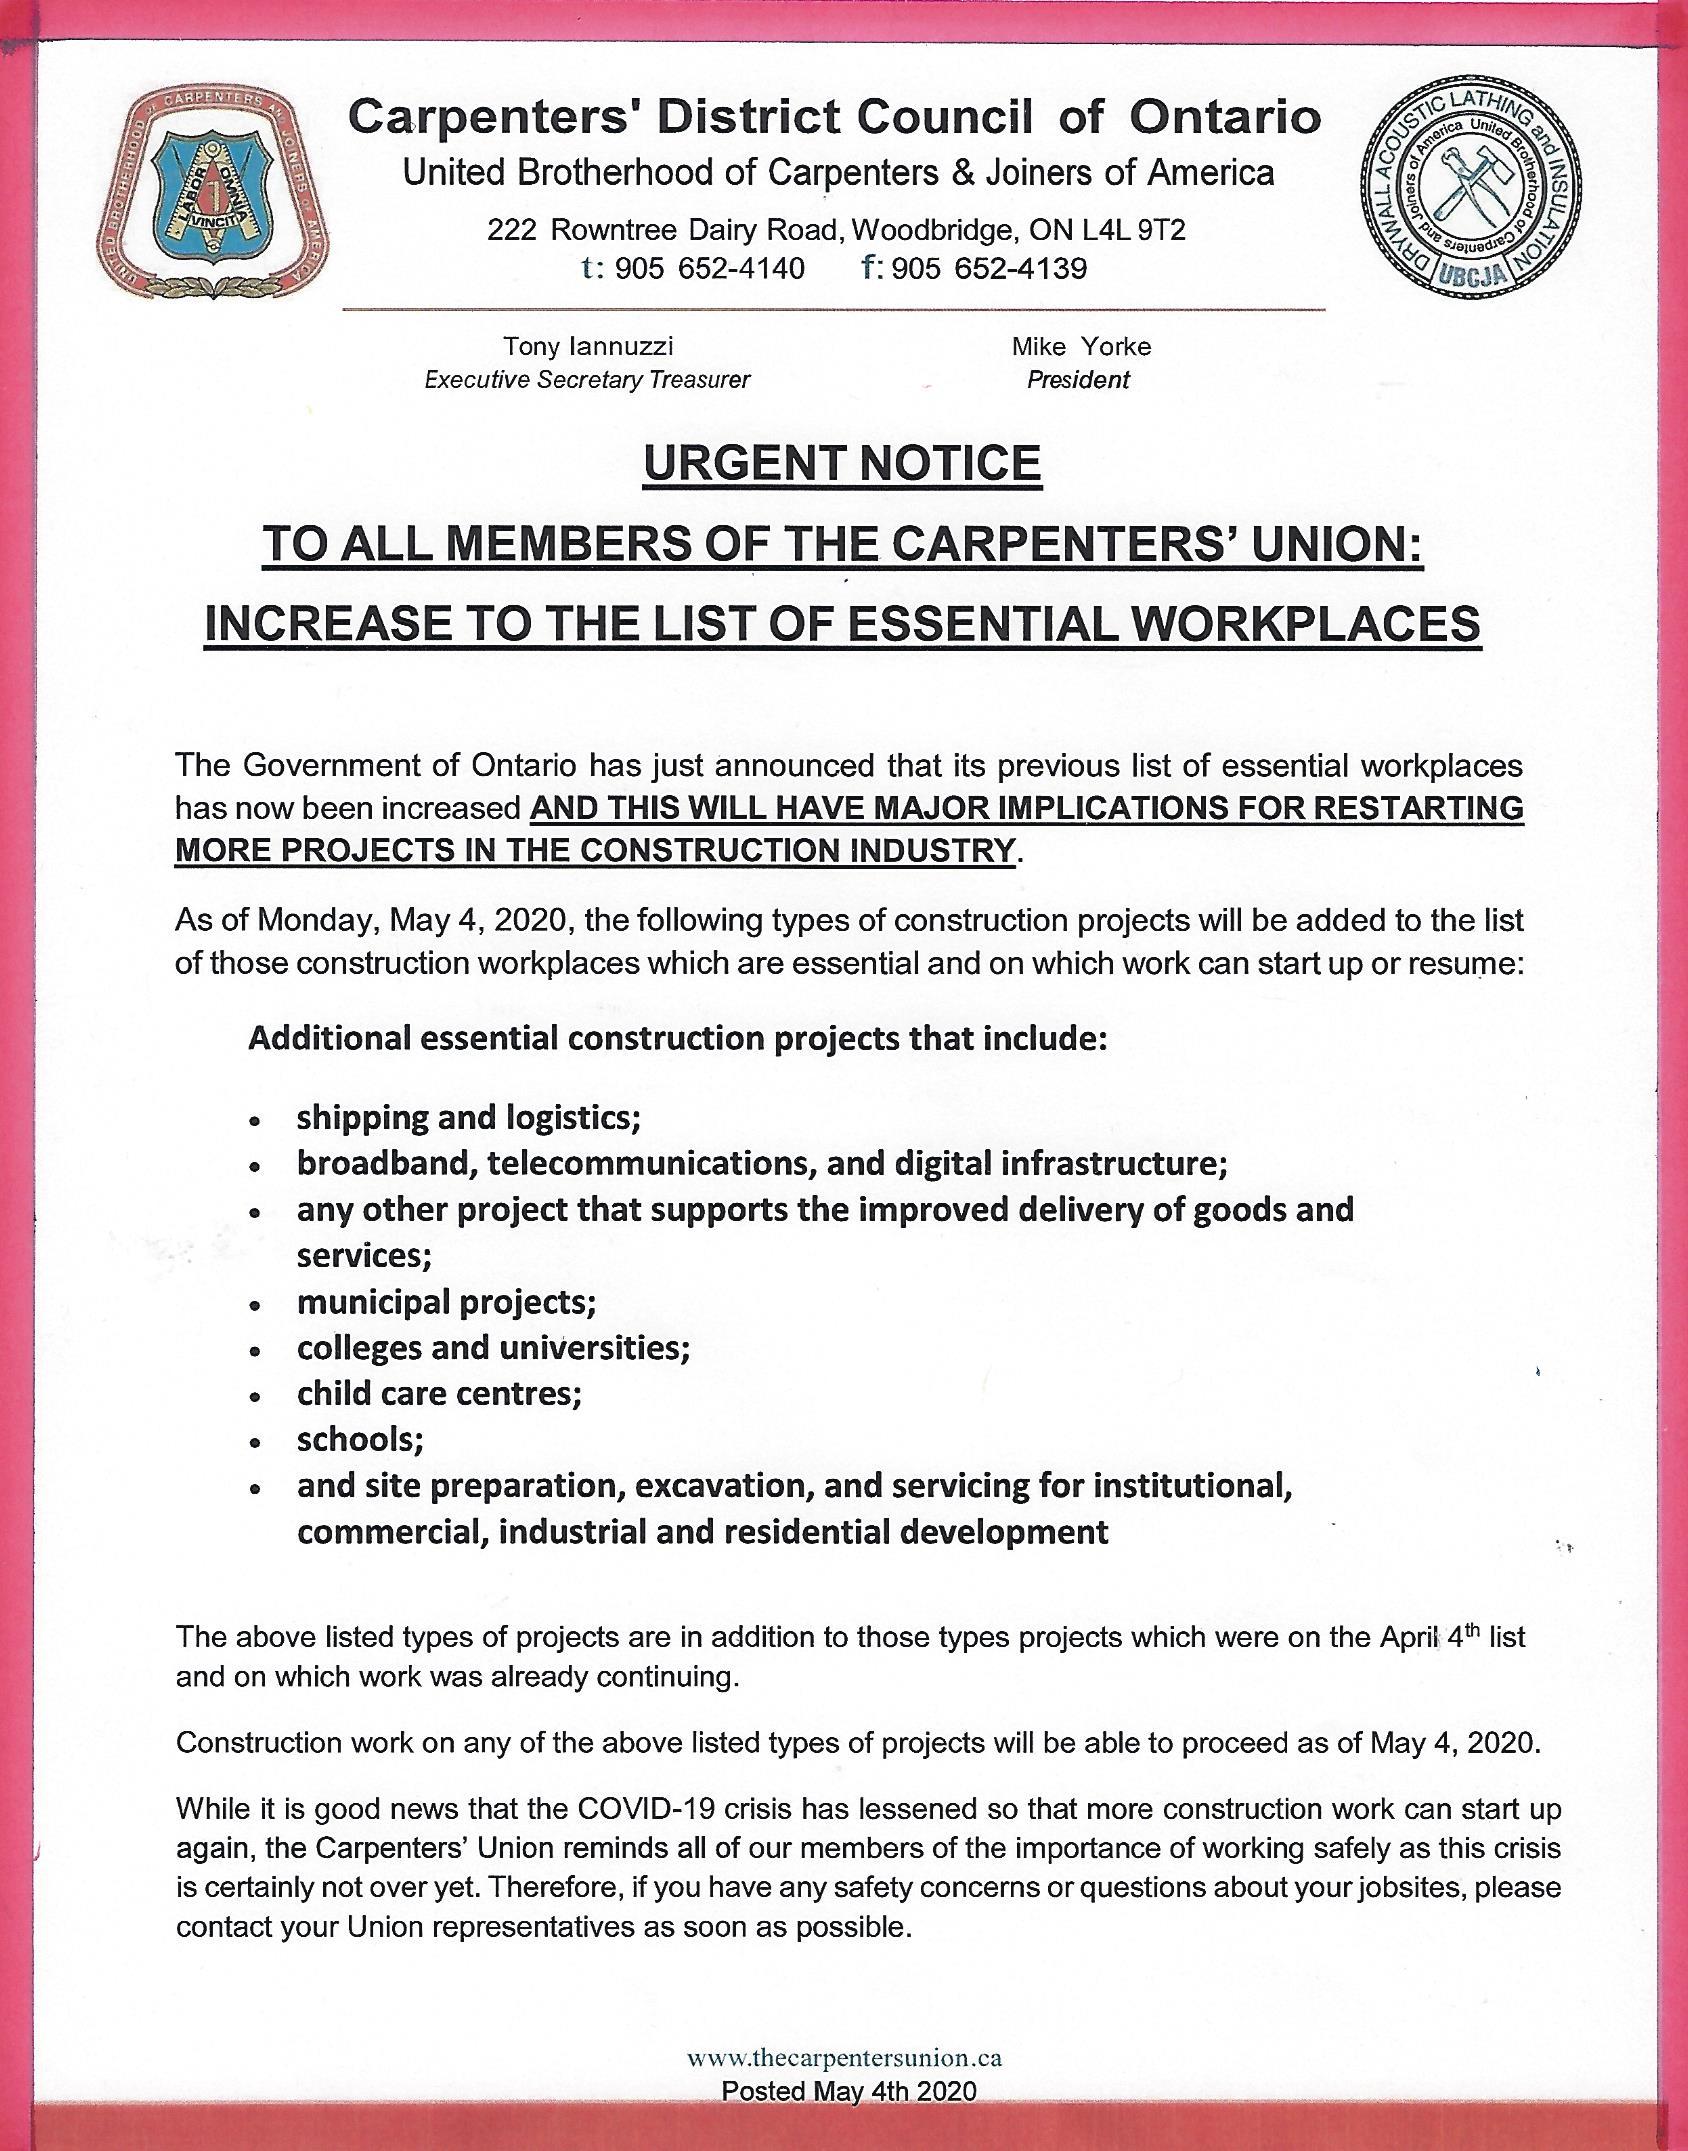 2020.05.04-Urgent_Notice-Update_Essential_Workplaces.jpg